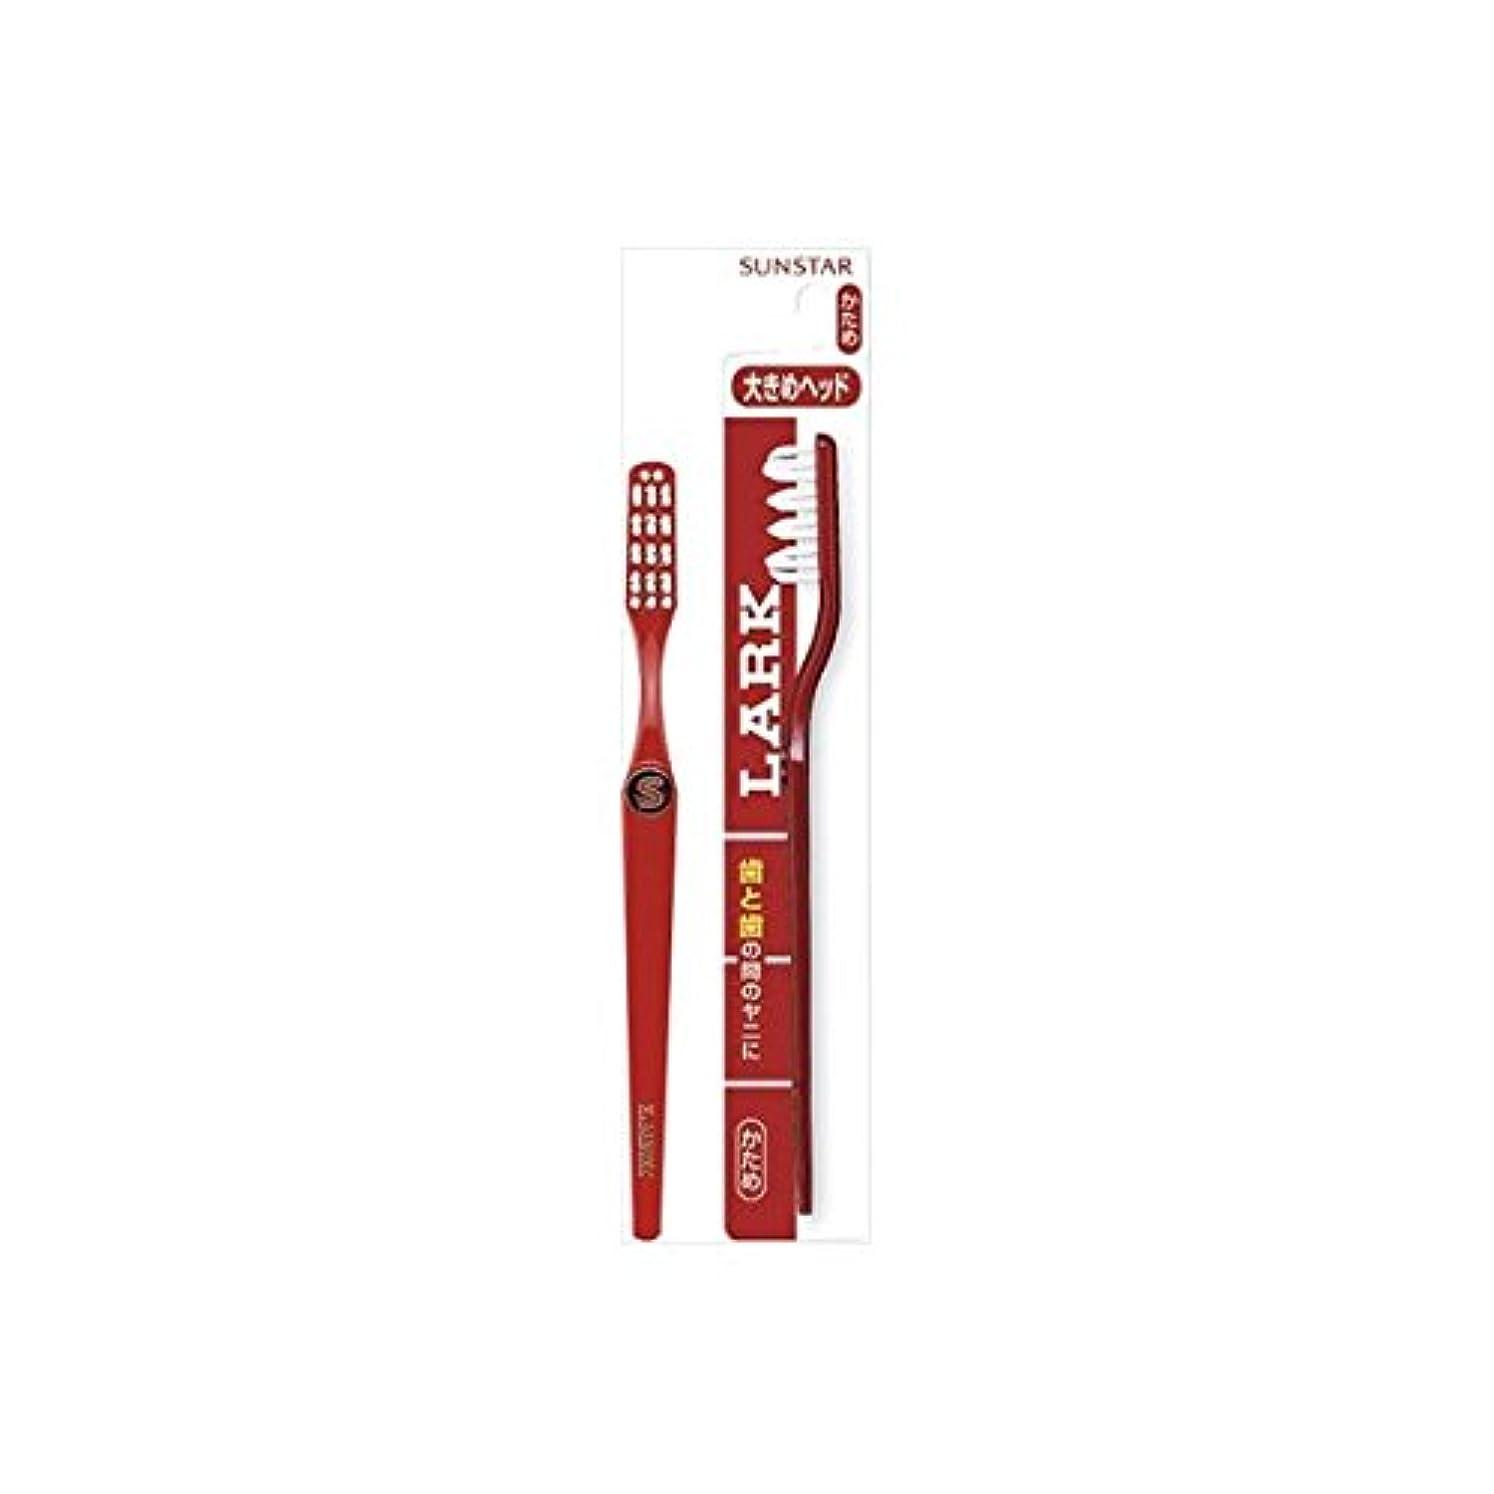 グラム麻痺急いでサンスター ラーク 歯ブラシ レギュラーヘッド × 6 点セット